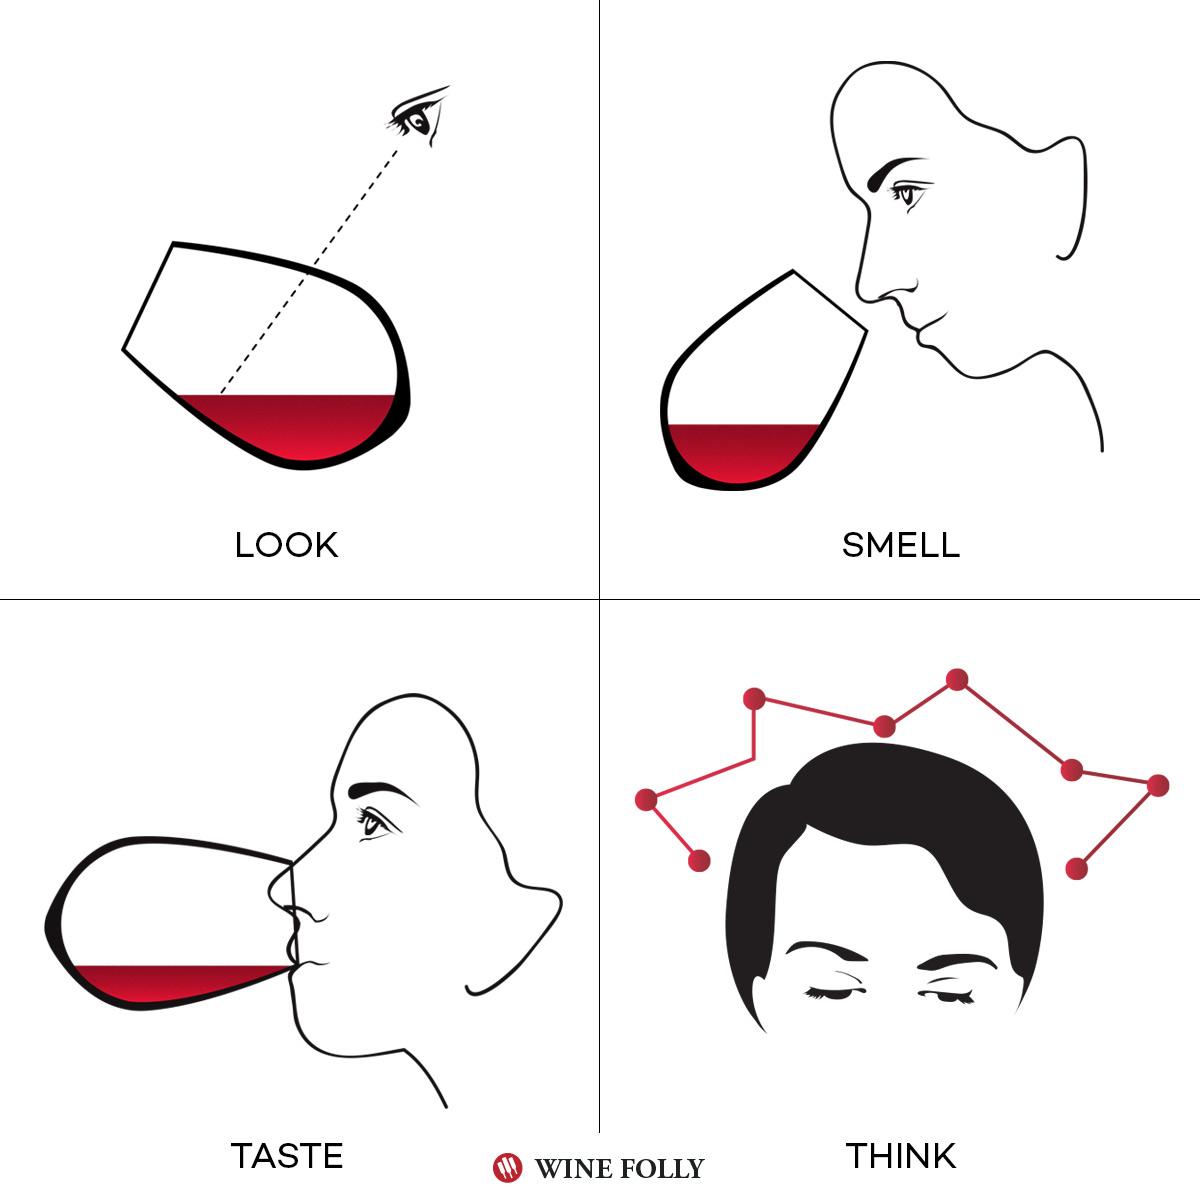 学习如何品尝葡萄酒,开发你的味蕾